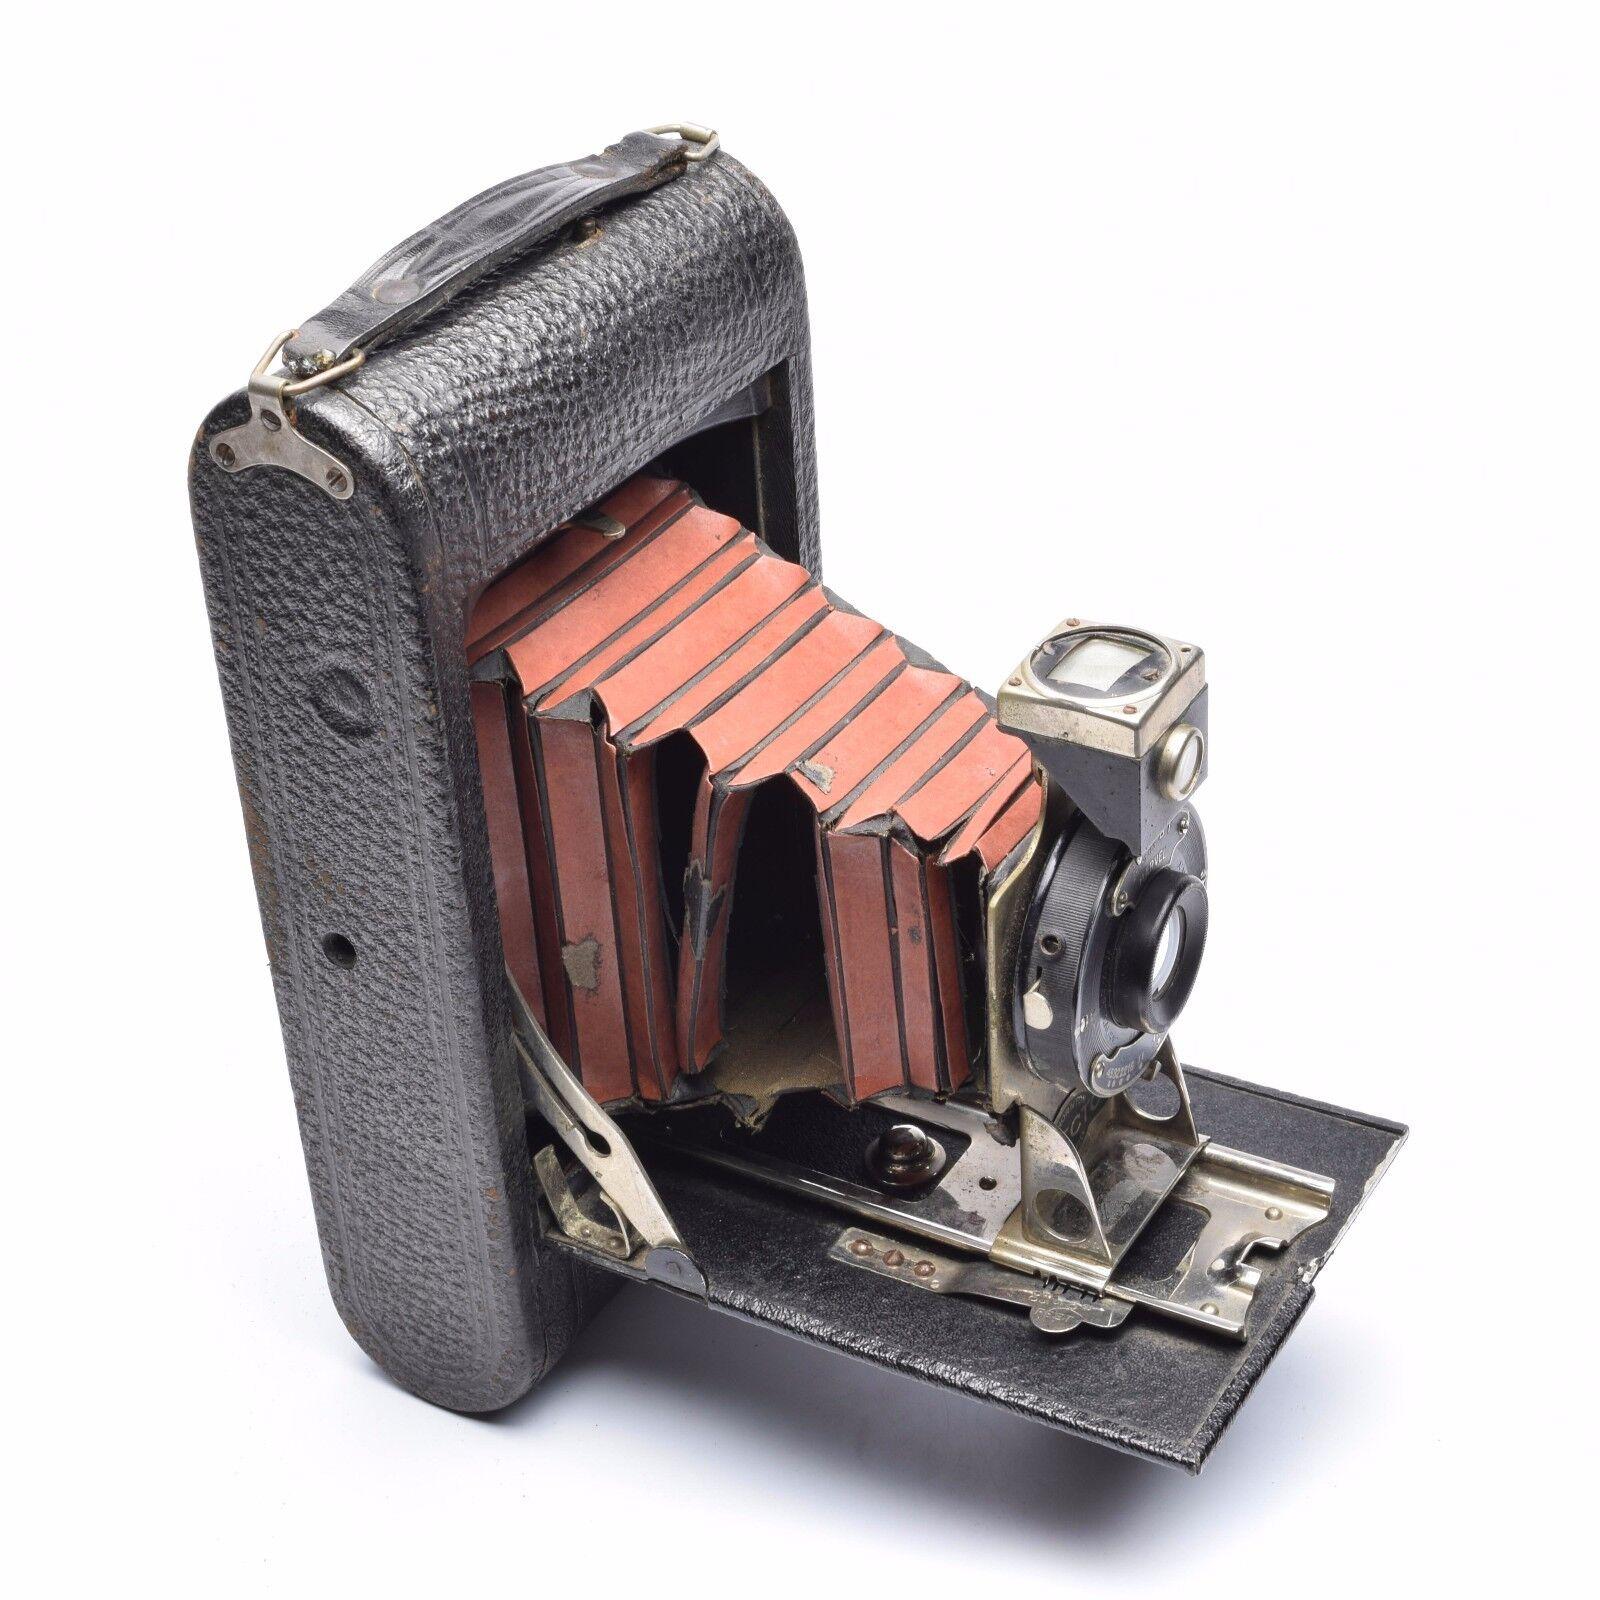 ссылка первые фотоаппараты с выдвижным объективом пожарные